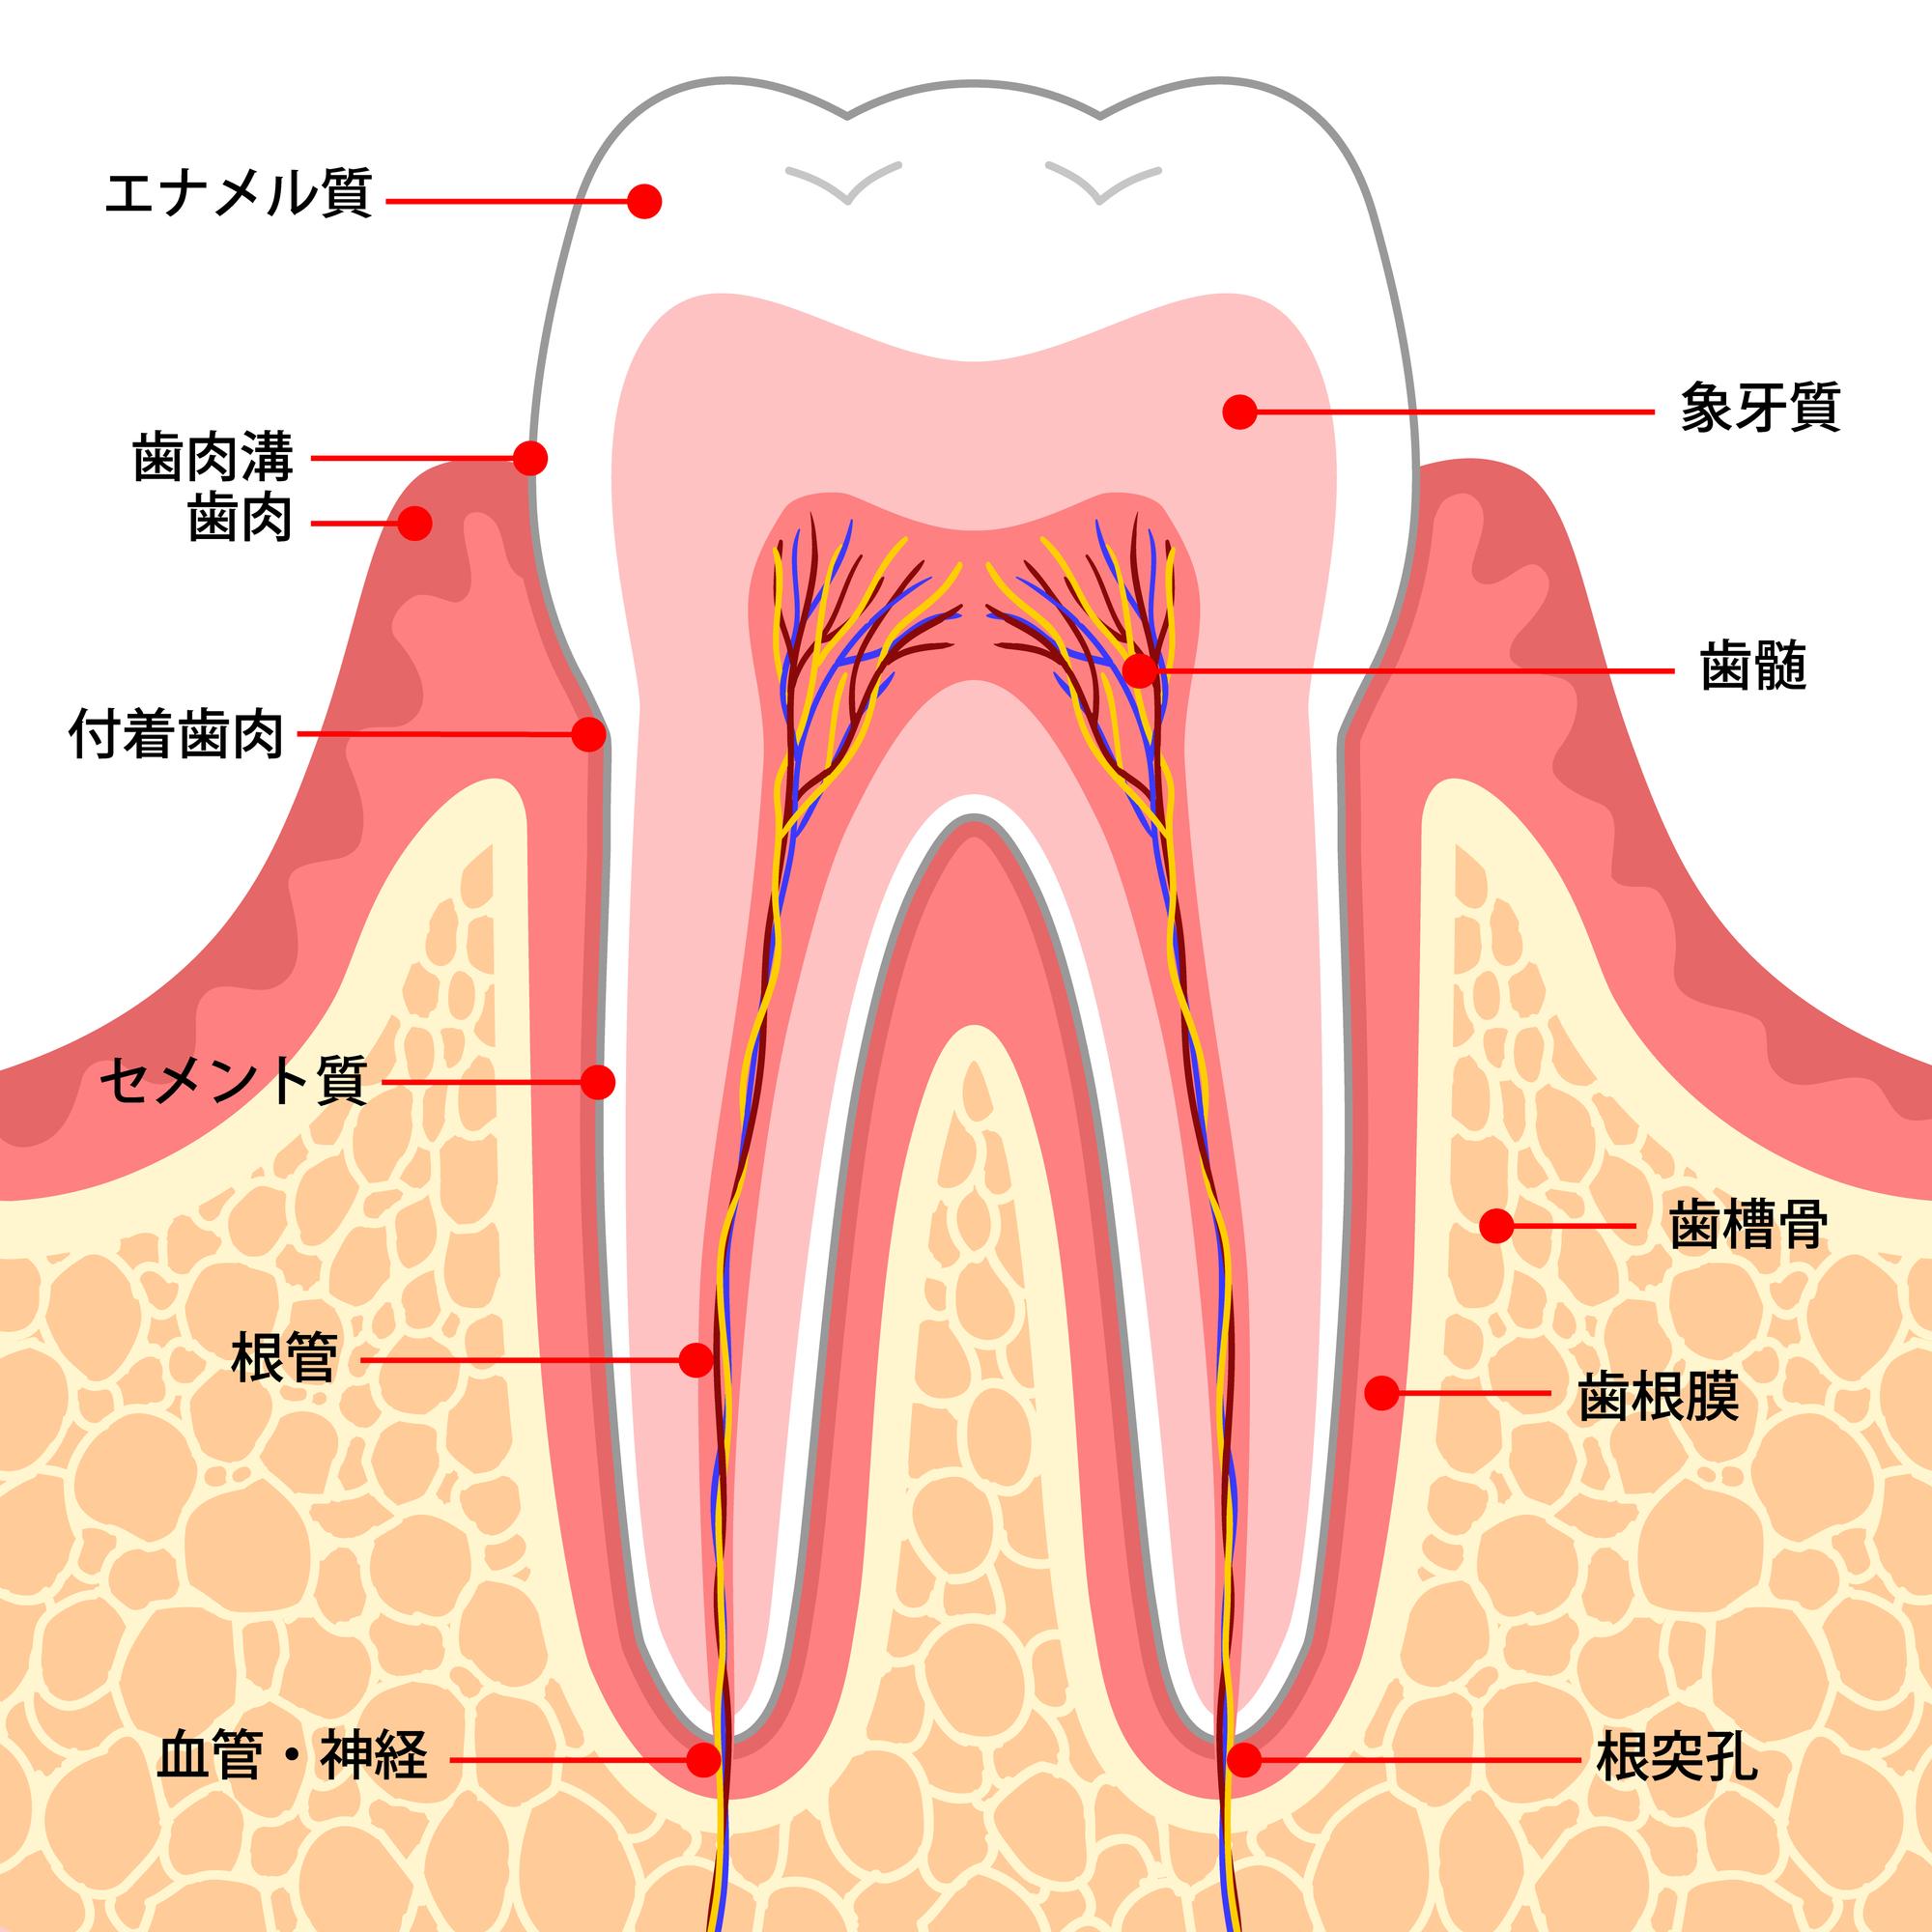 歯の構造のイラスト